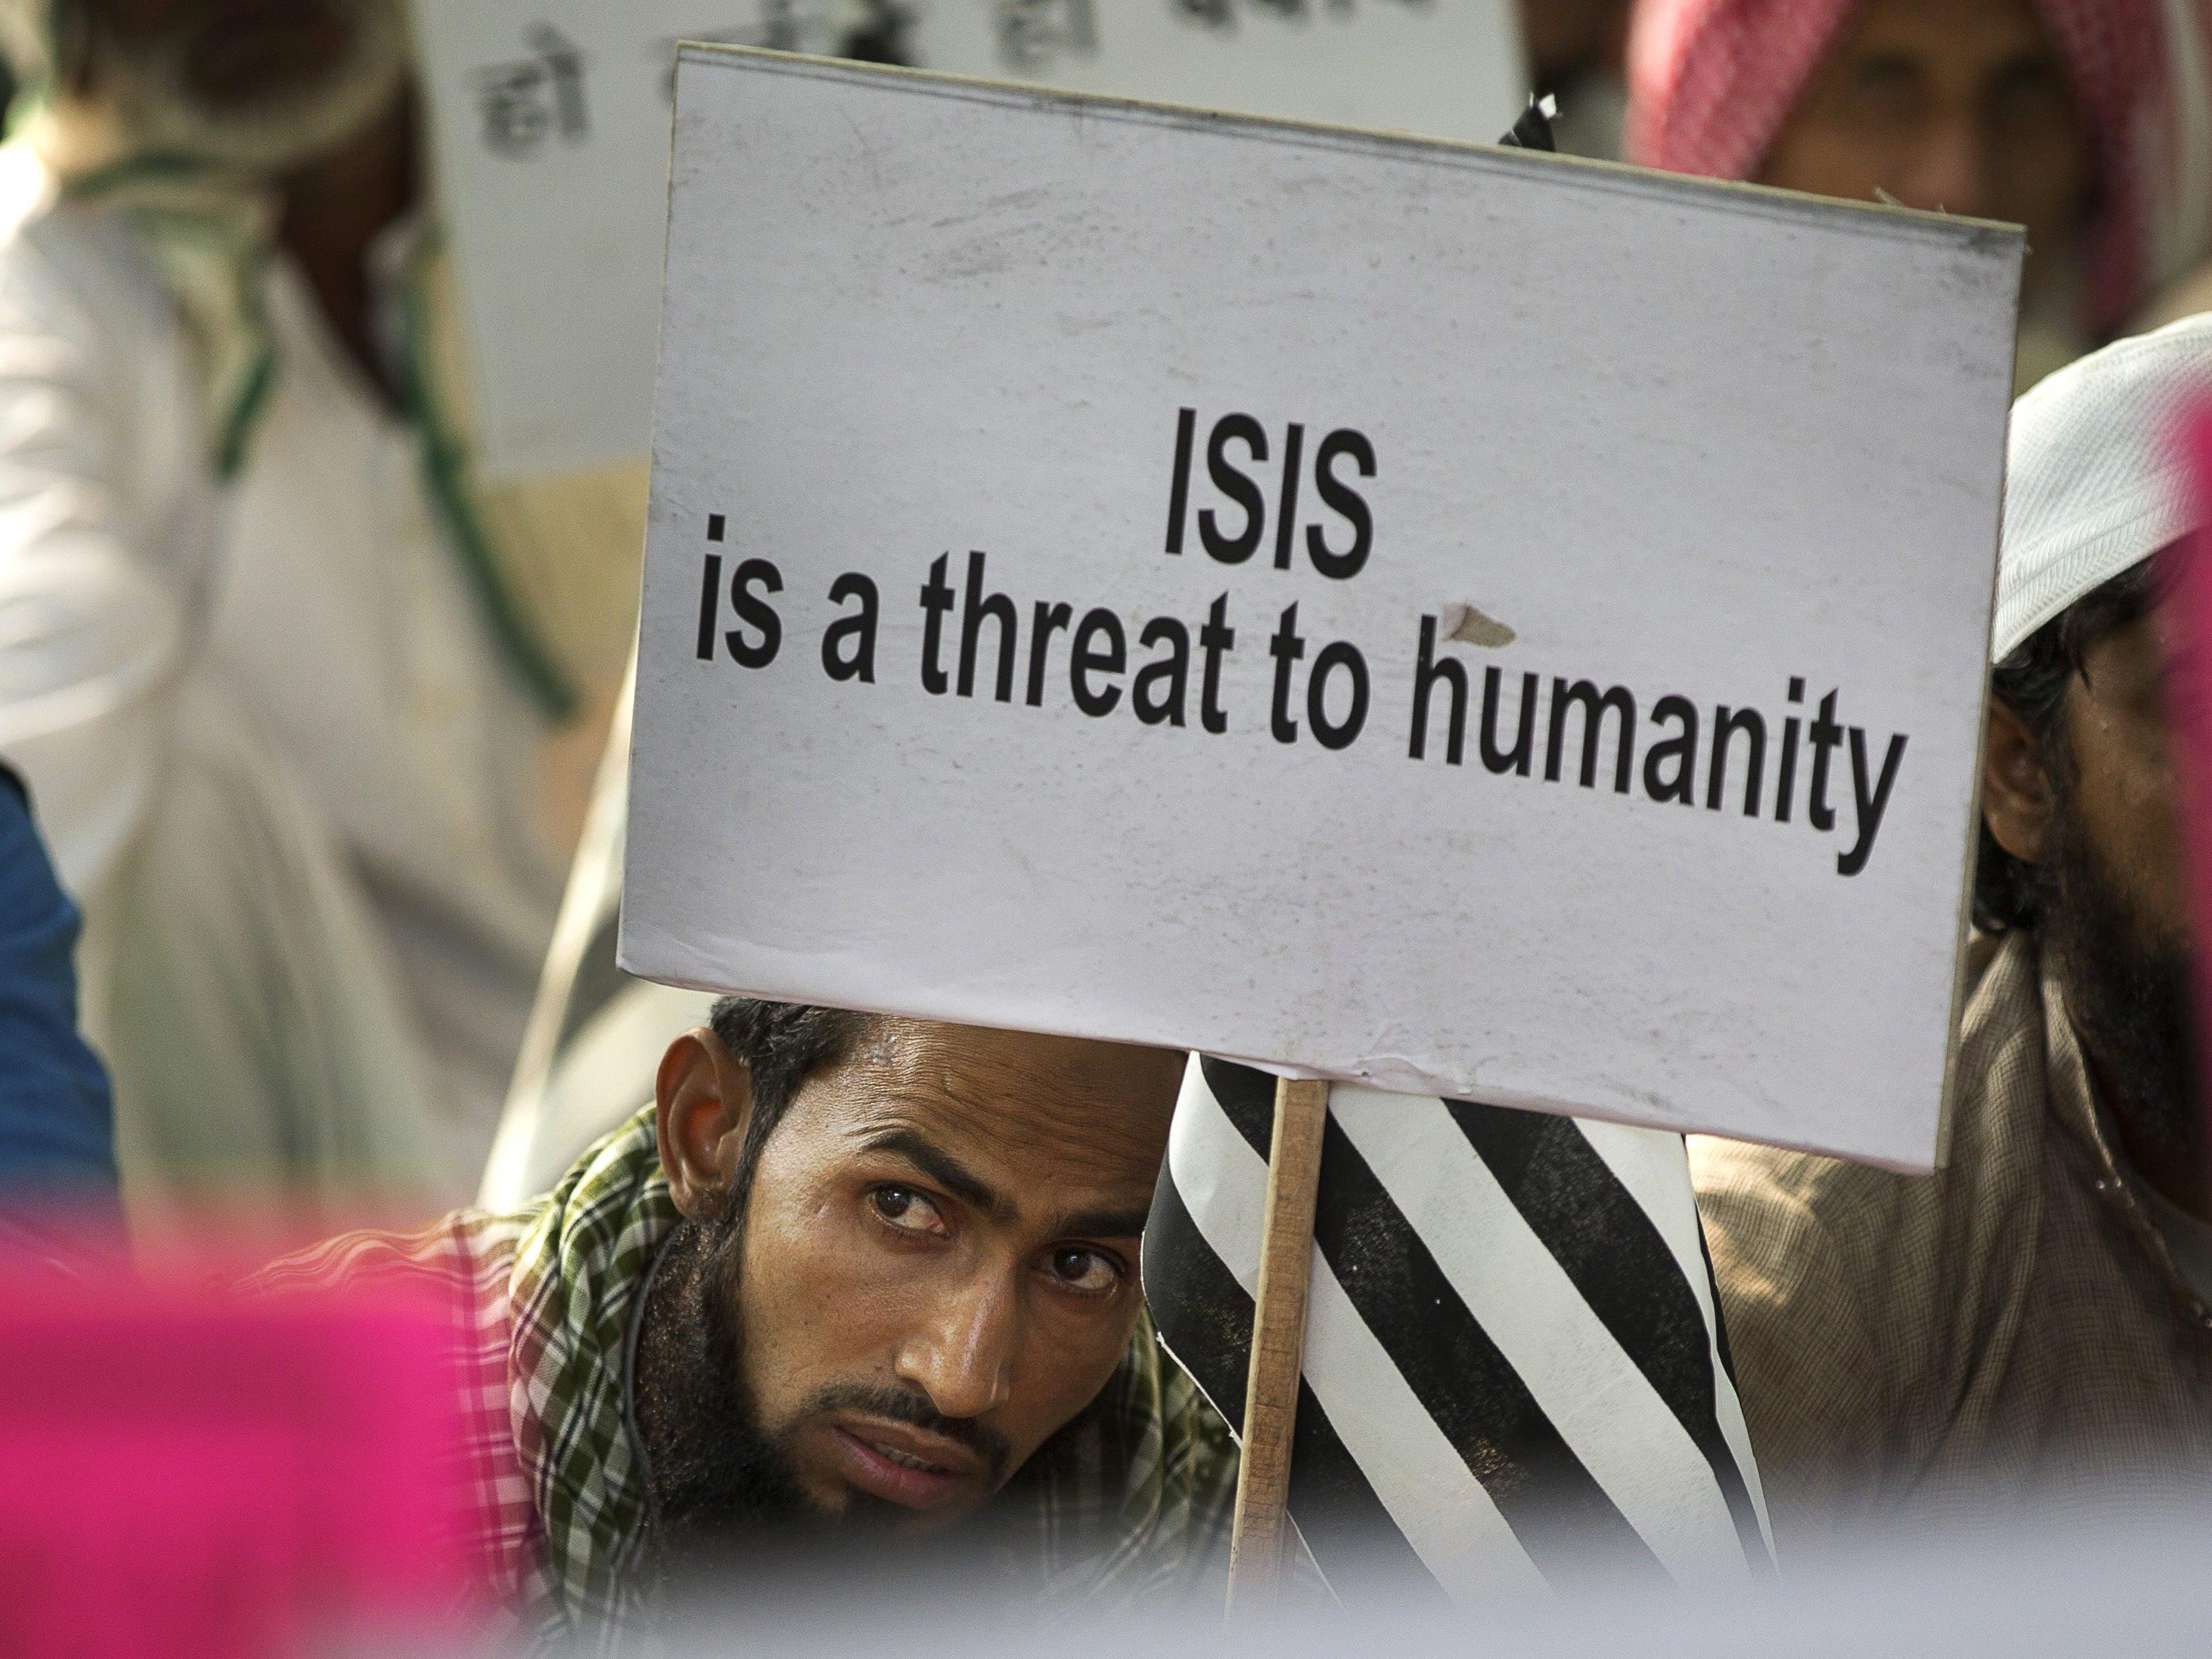 22.000 Akten der ISIS wurden dem Sender Sky zugespielt.